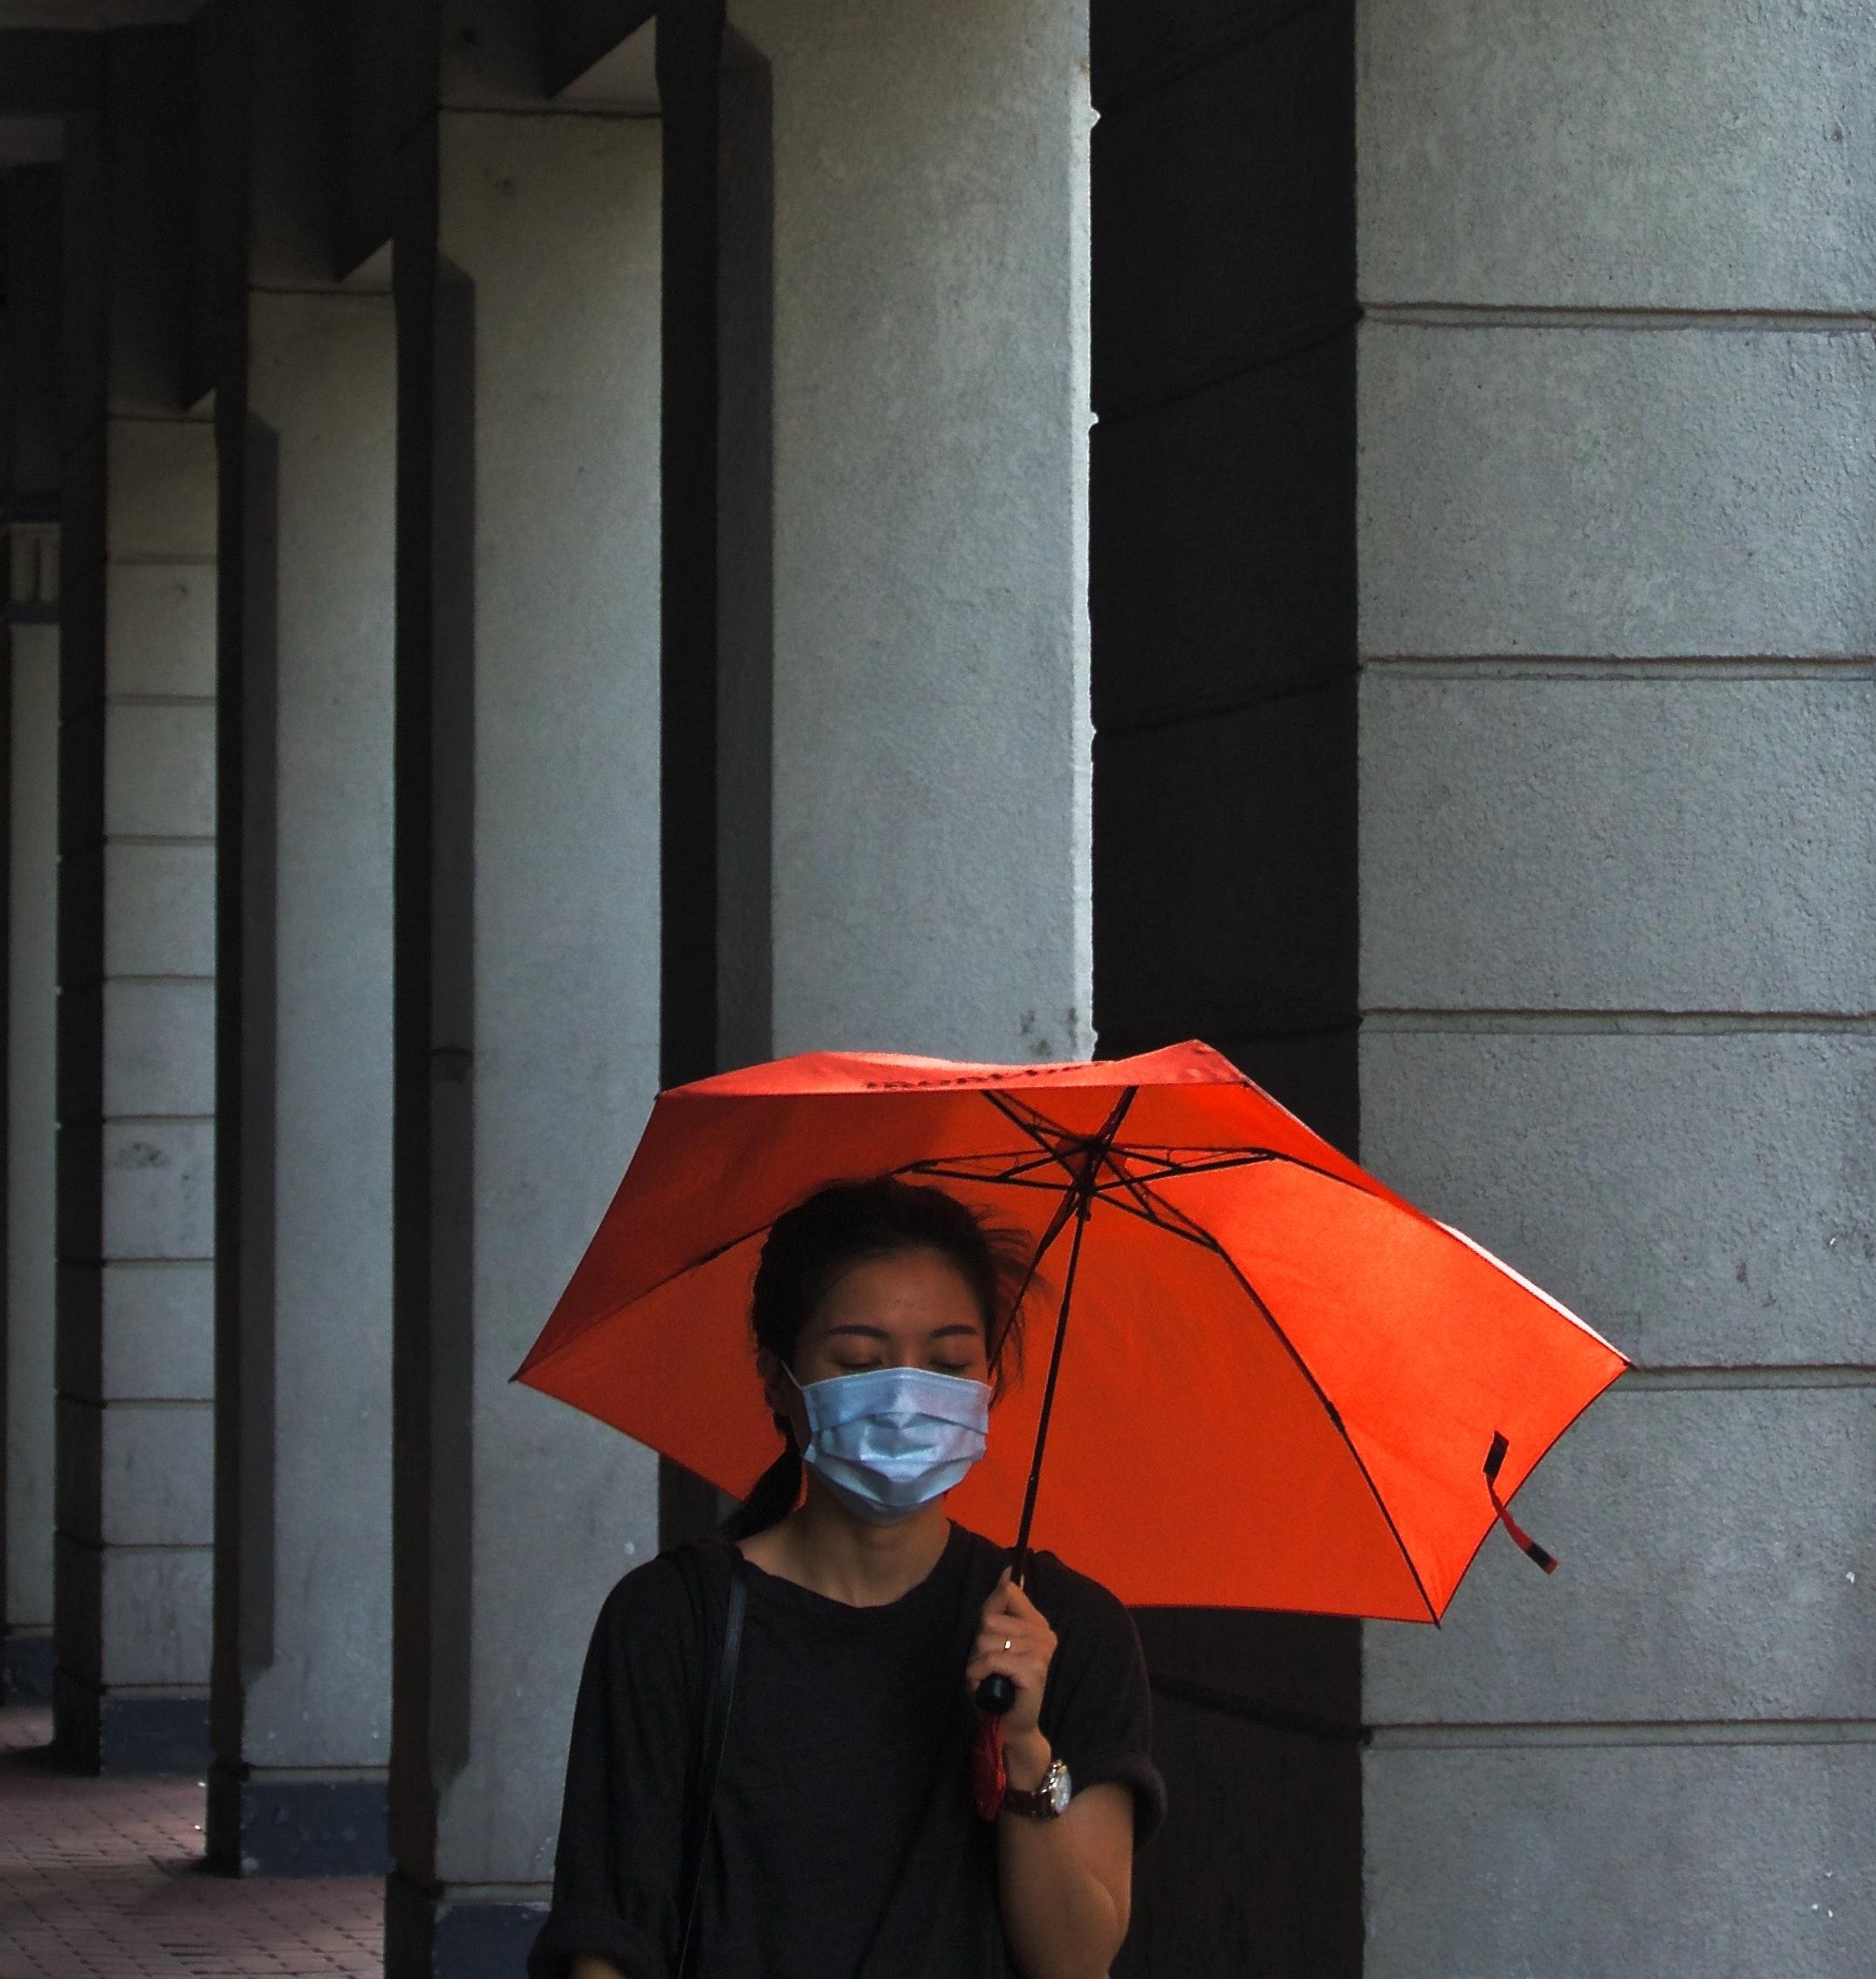 Schutzmaske Frau mit Regenschirm